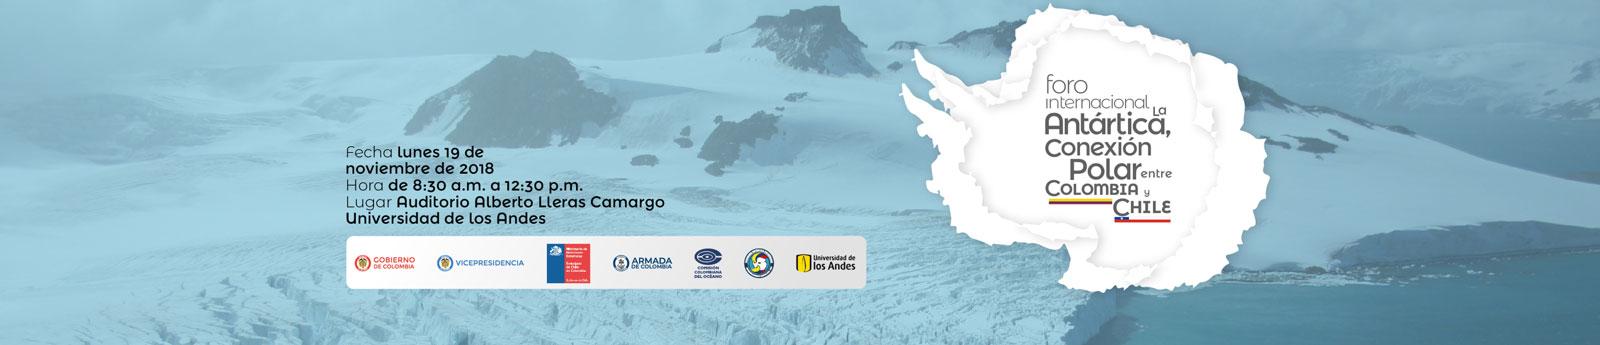 Foro Internacional la Antártica conexión Polar entre Colombia y Chile